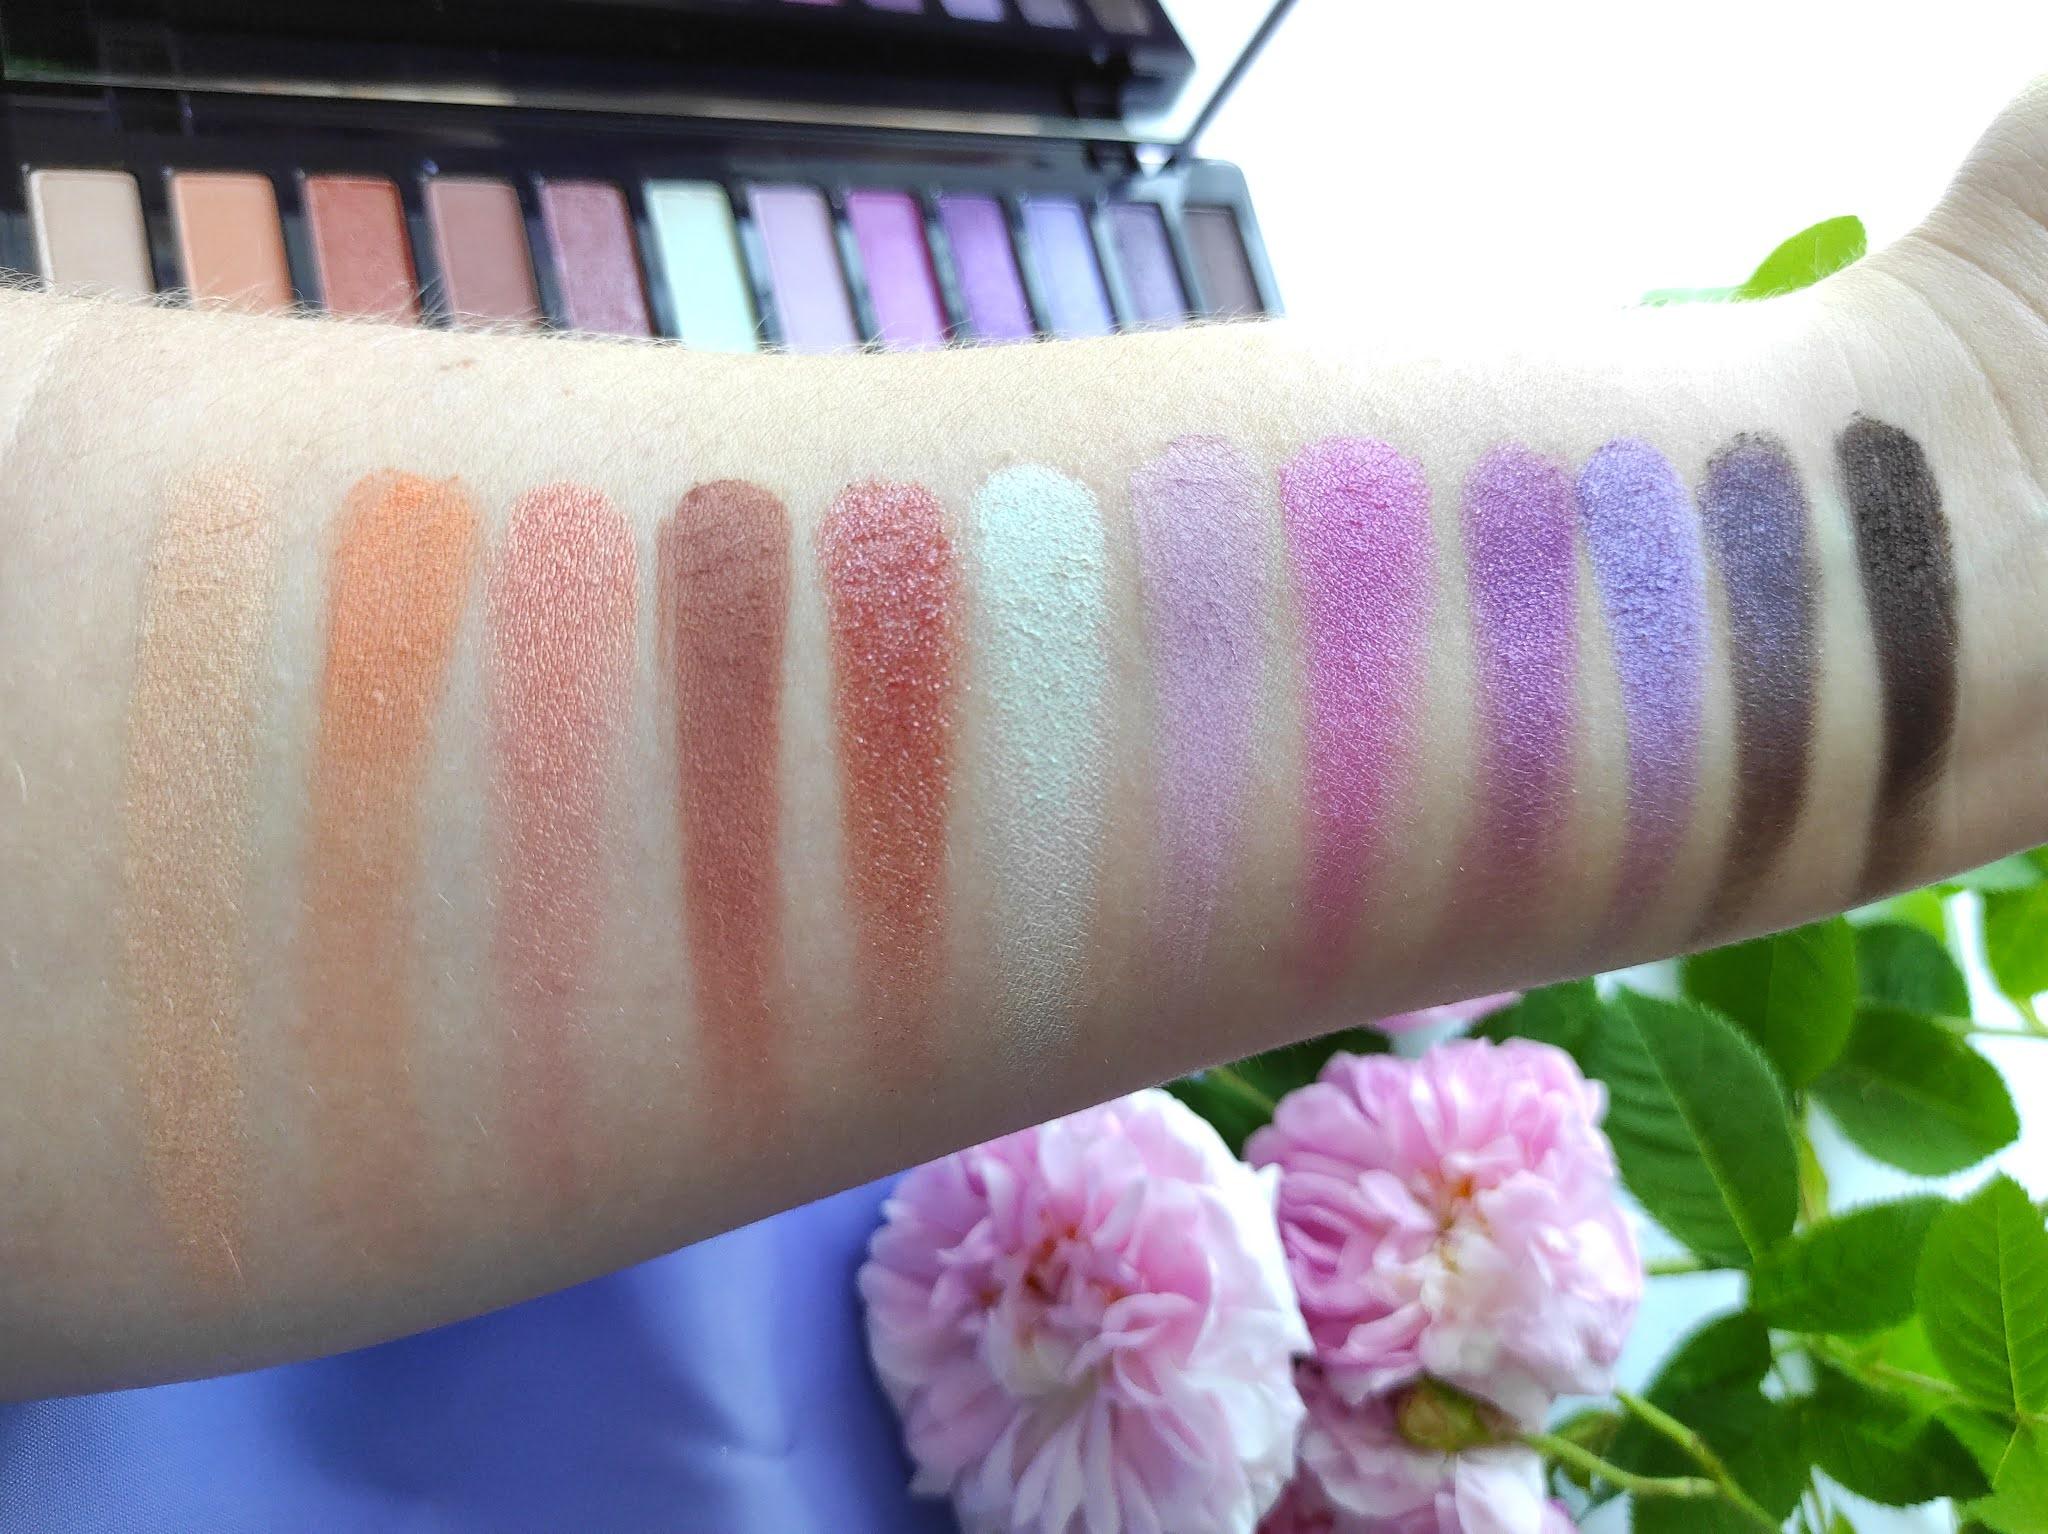 Kolory palety Naked Ultraviolet